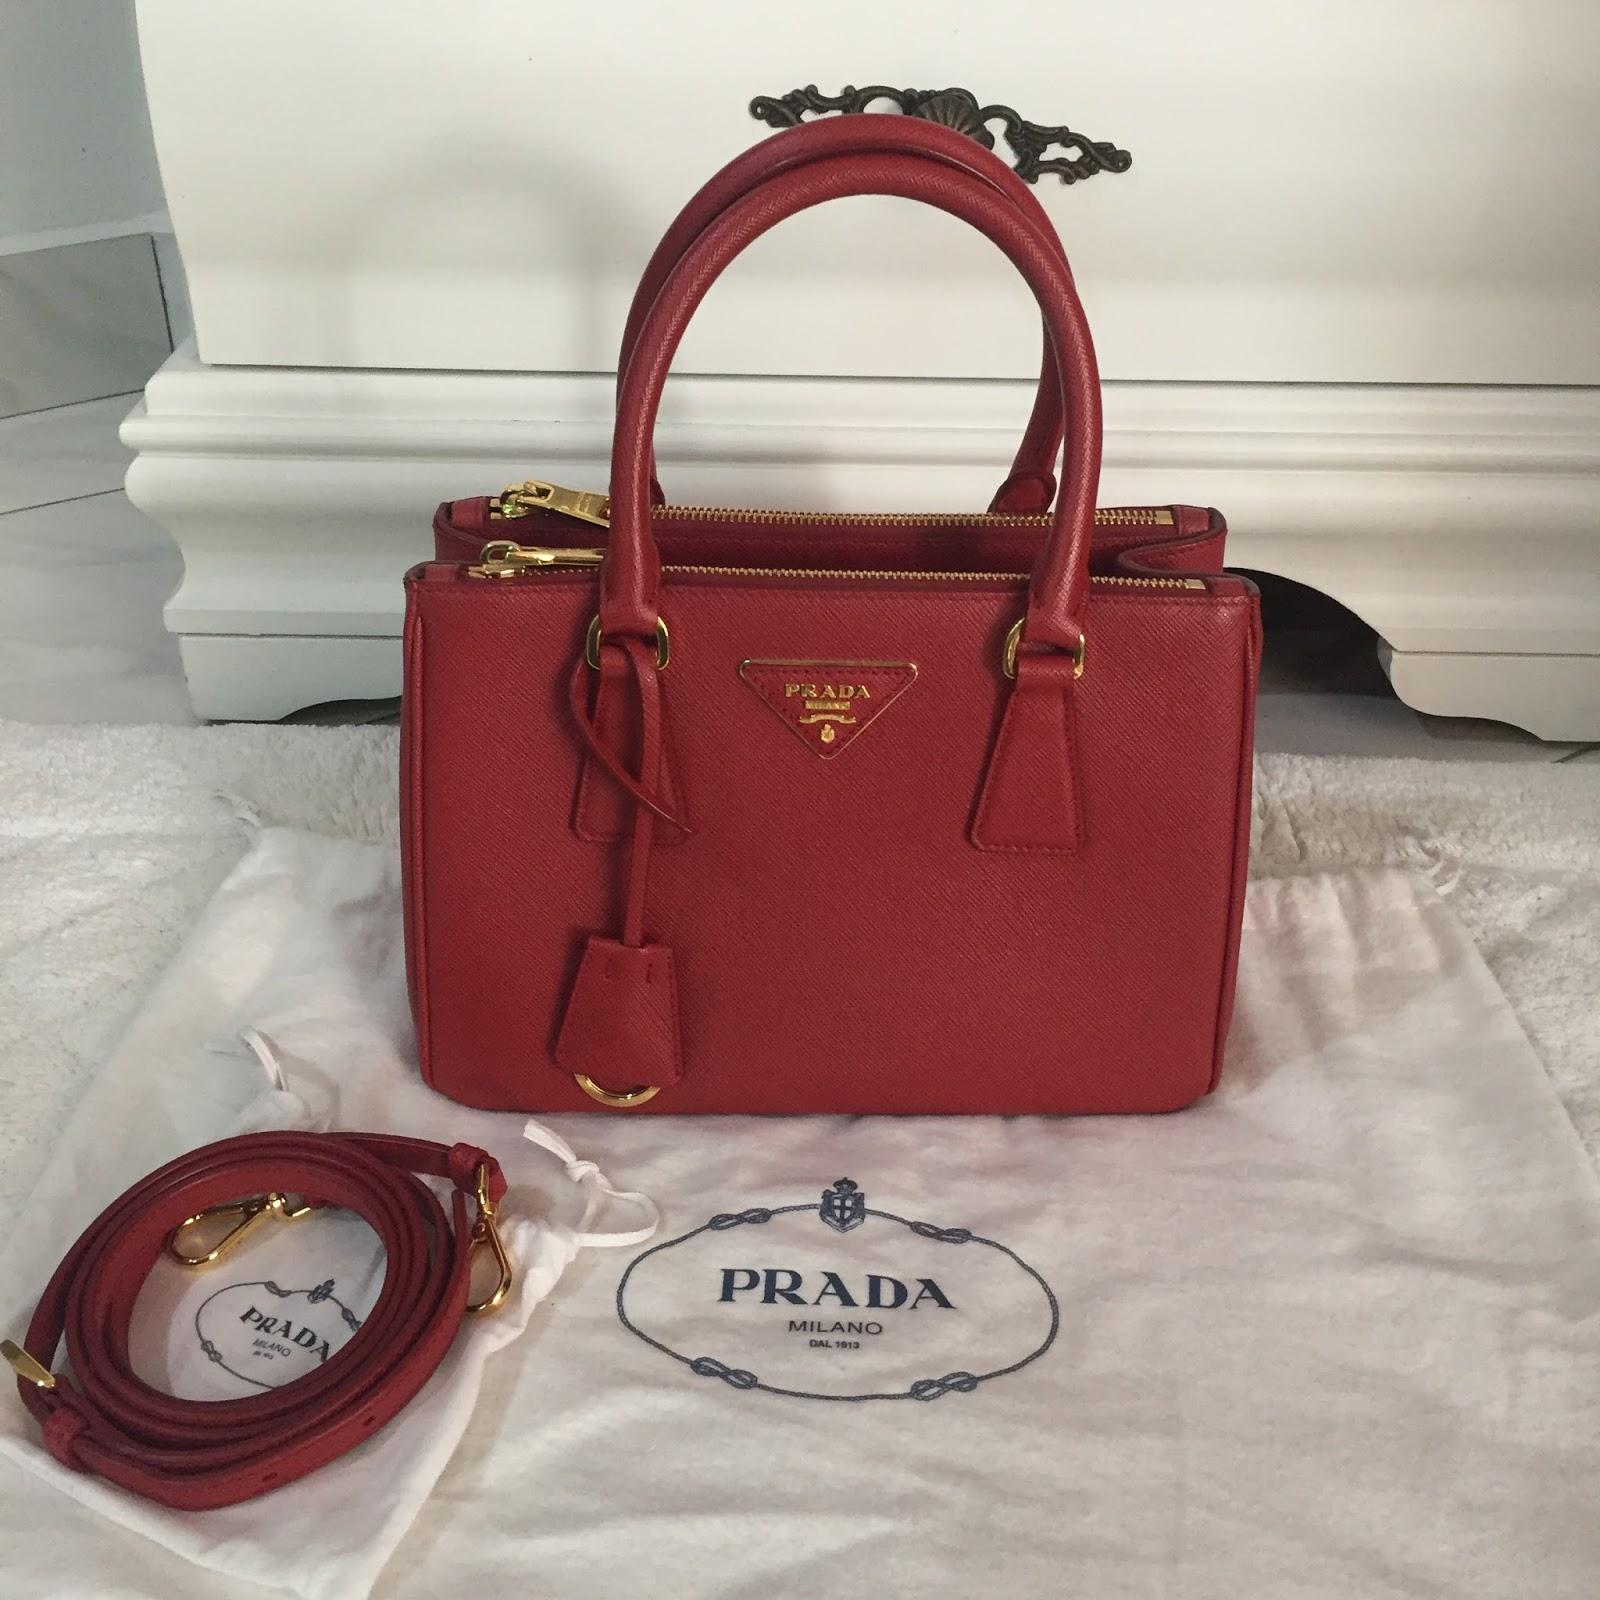 ab3e3476994d ... spain prada galleria saffiano leather bag pre loved ce35d 2a382